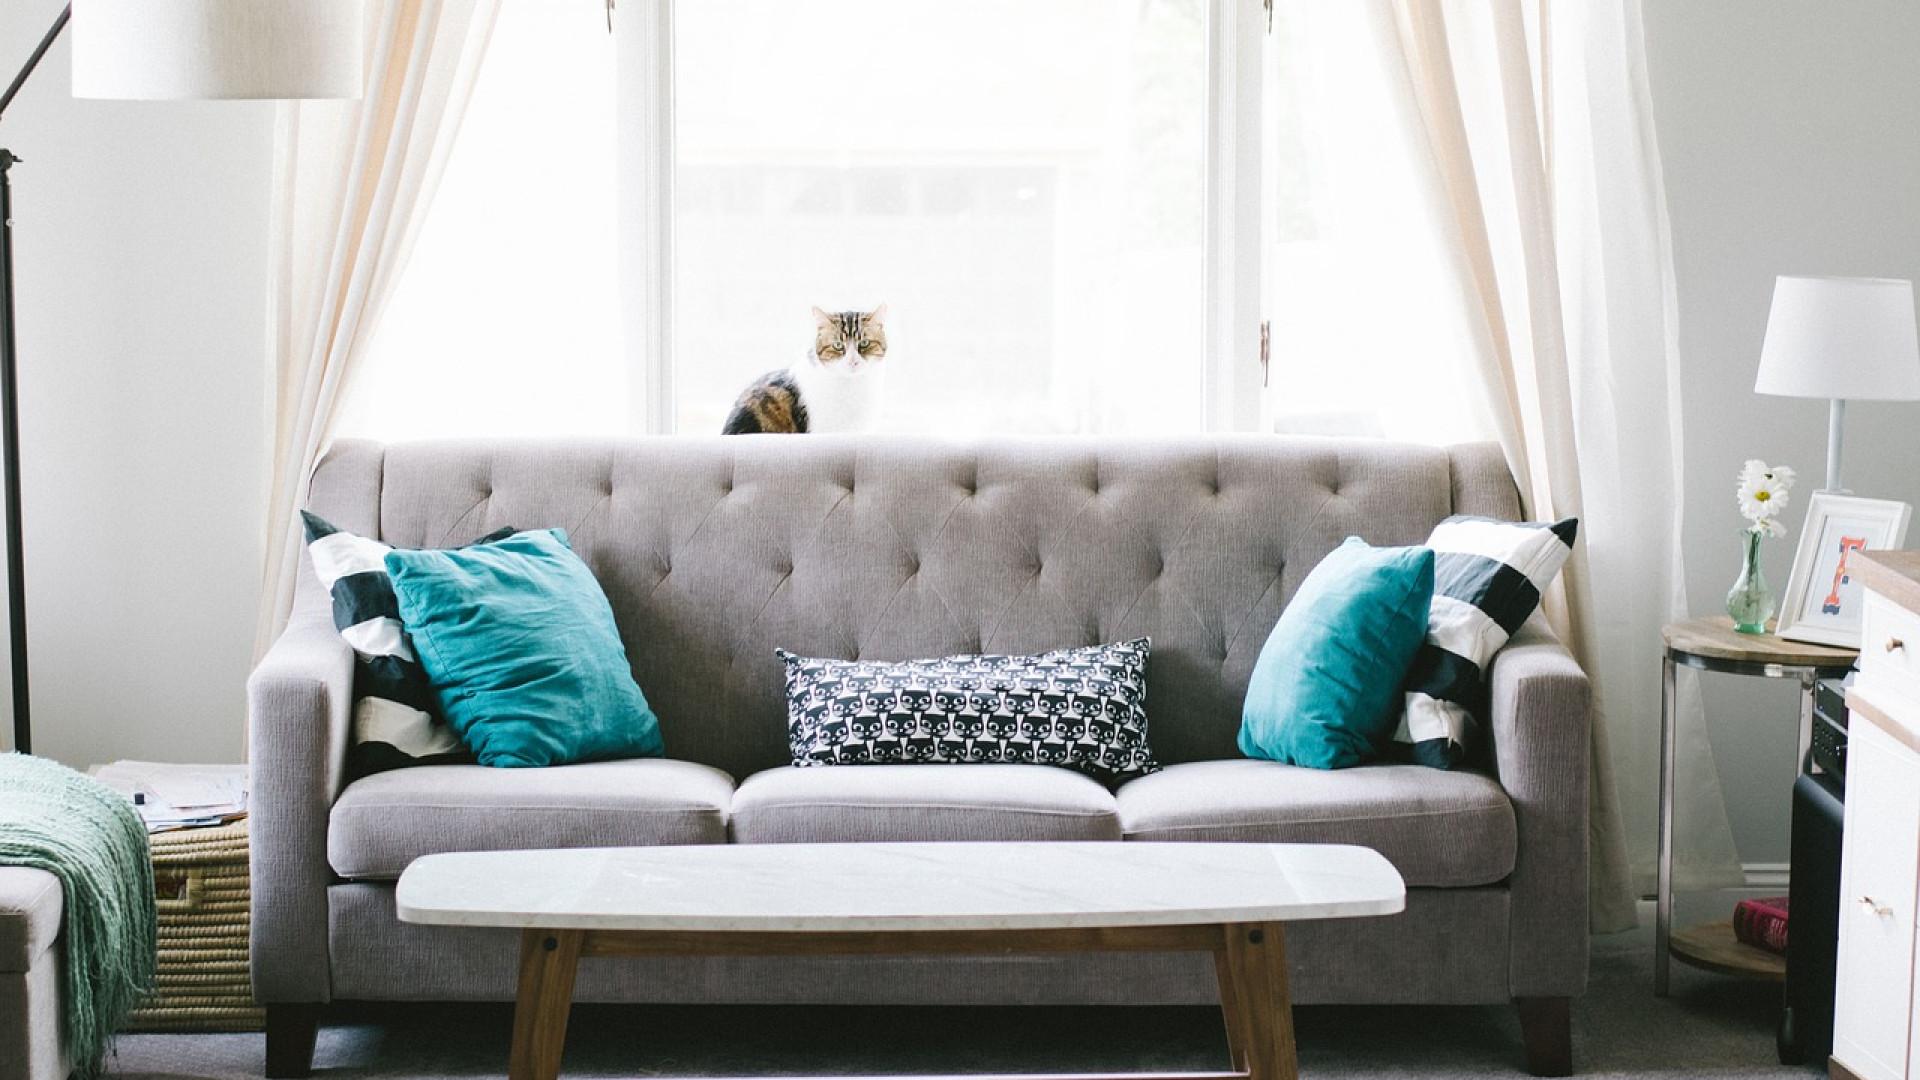 Pourquoi suivre des blogs sur la décoration de maison ?